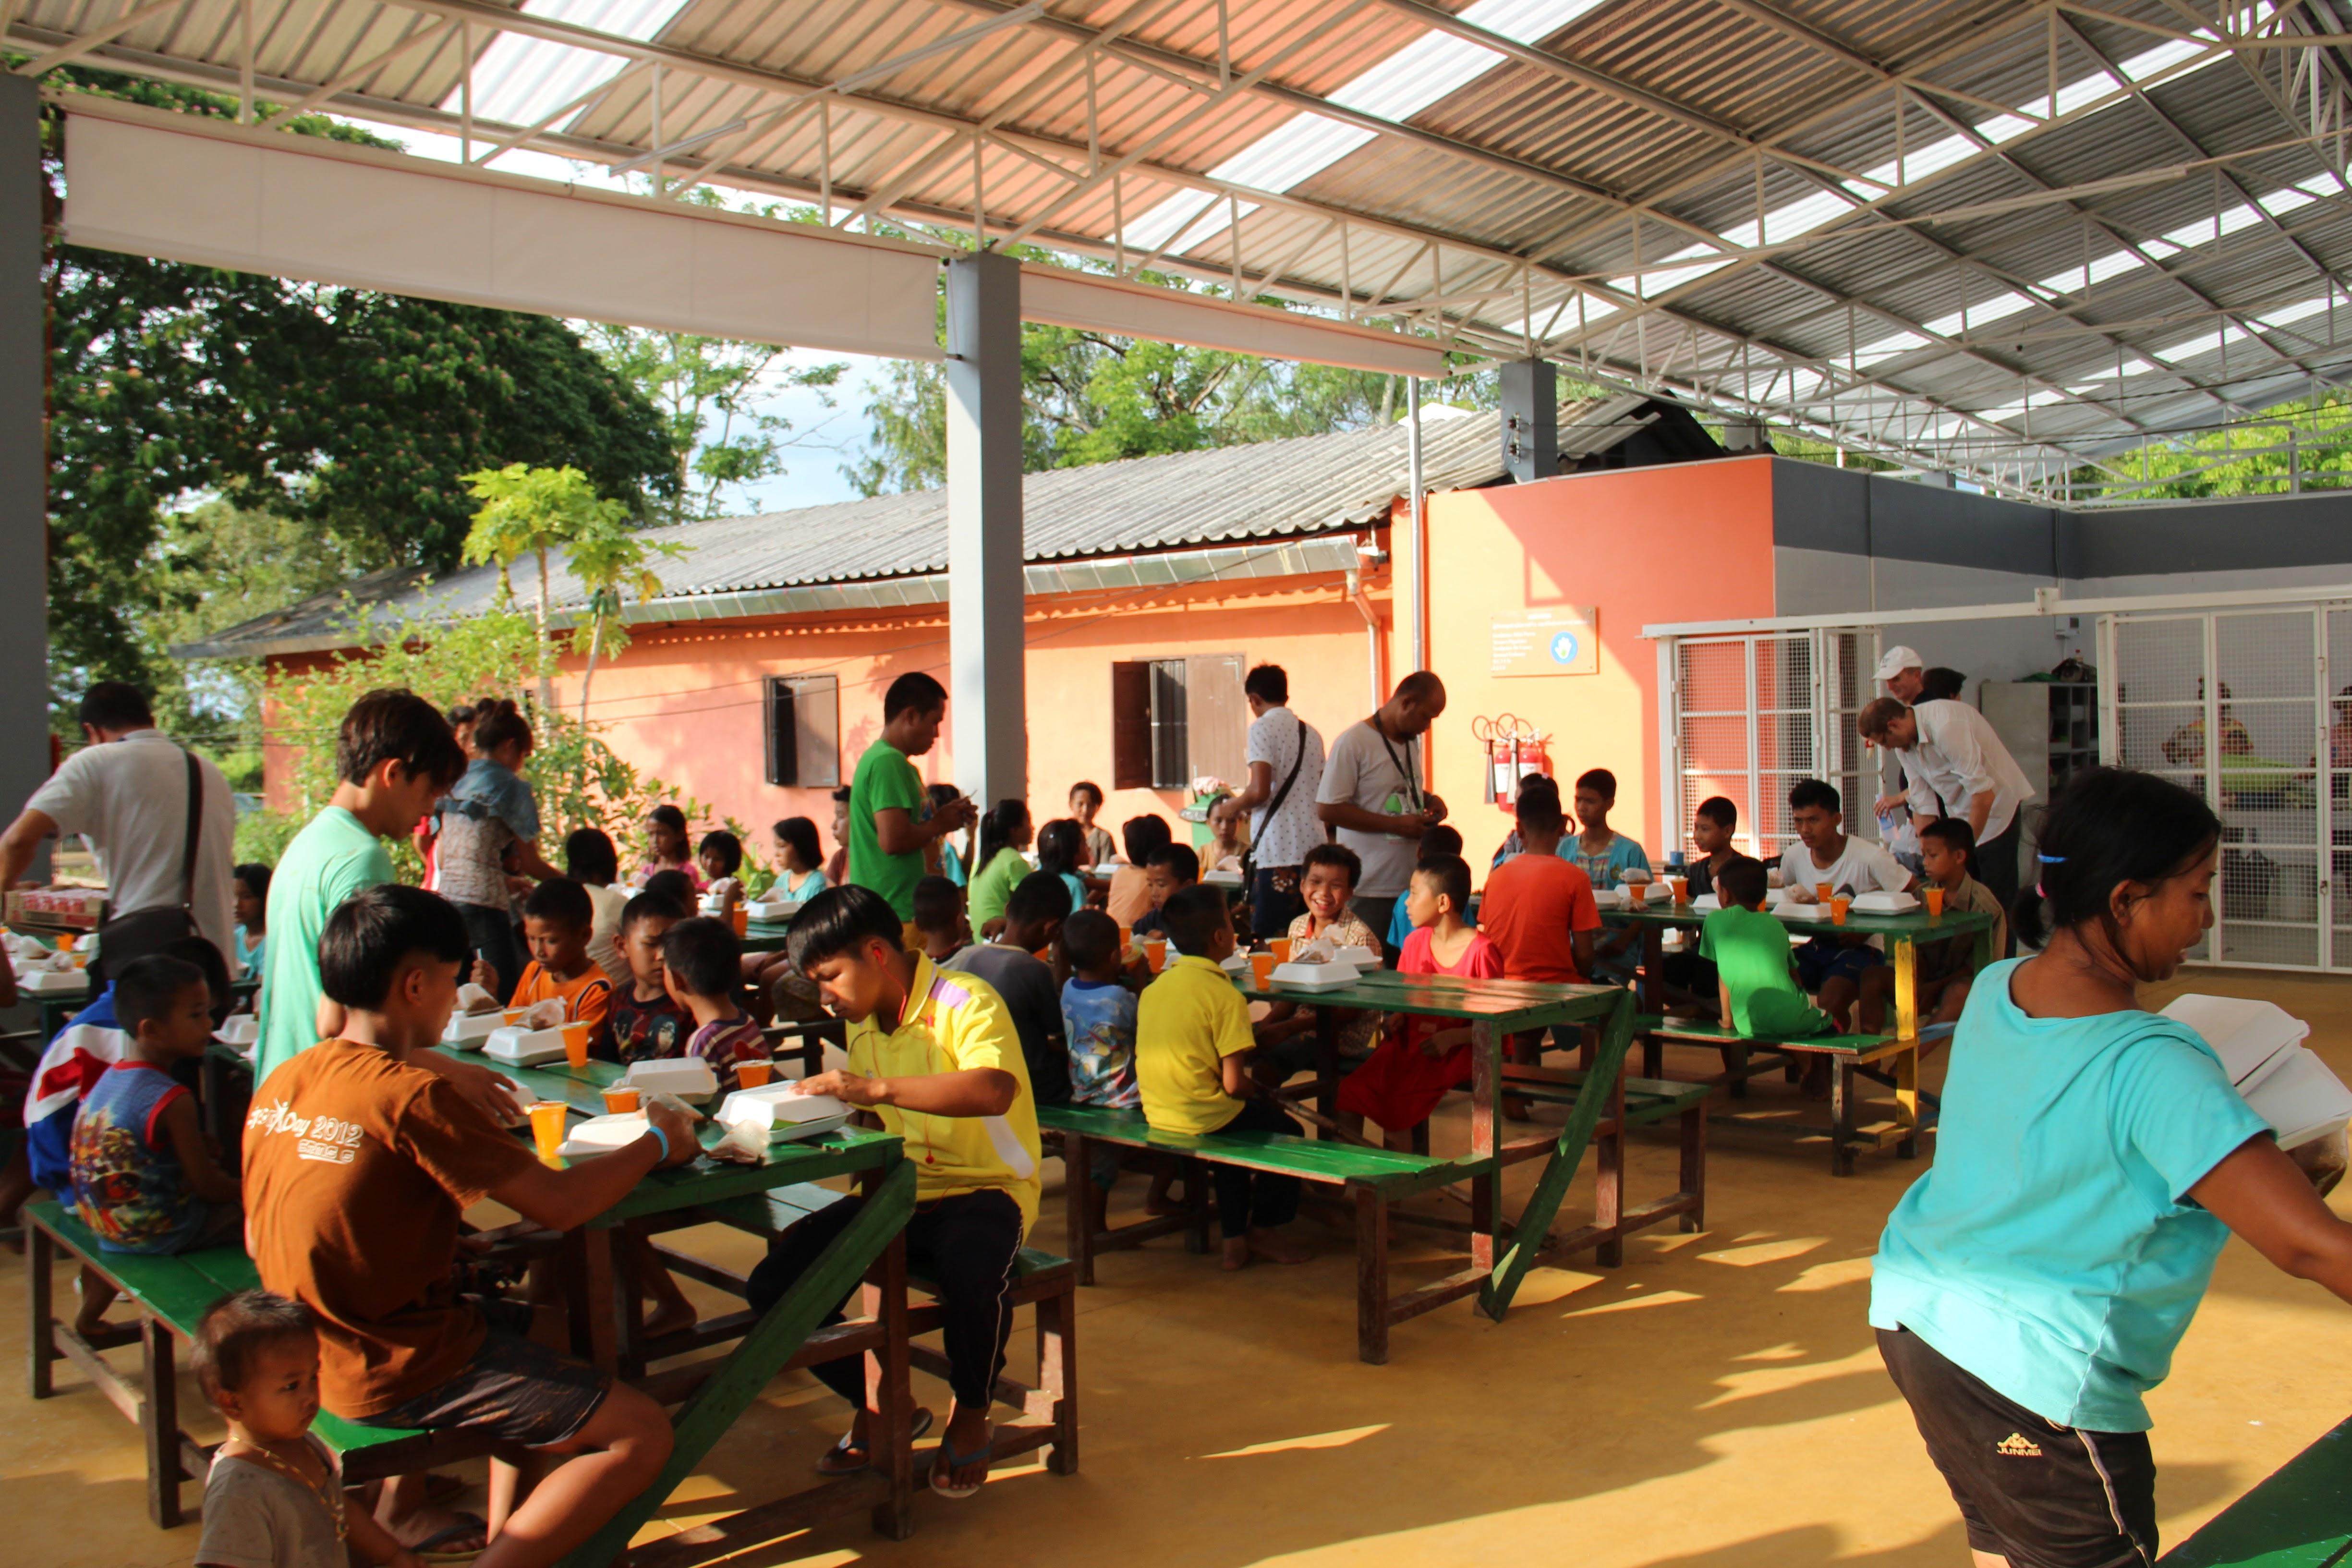 l'heure du déjeuner pour les enfants